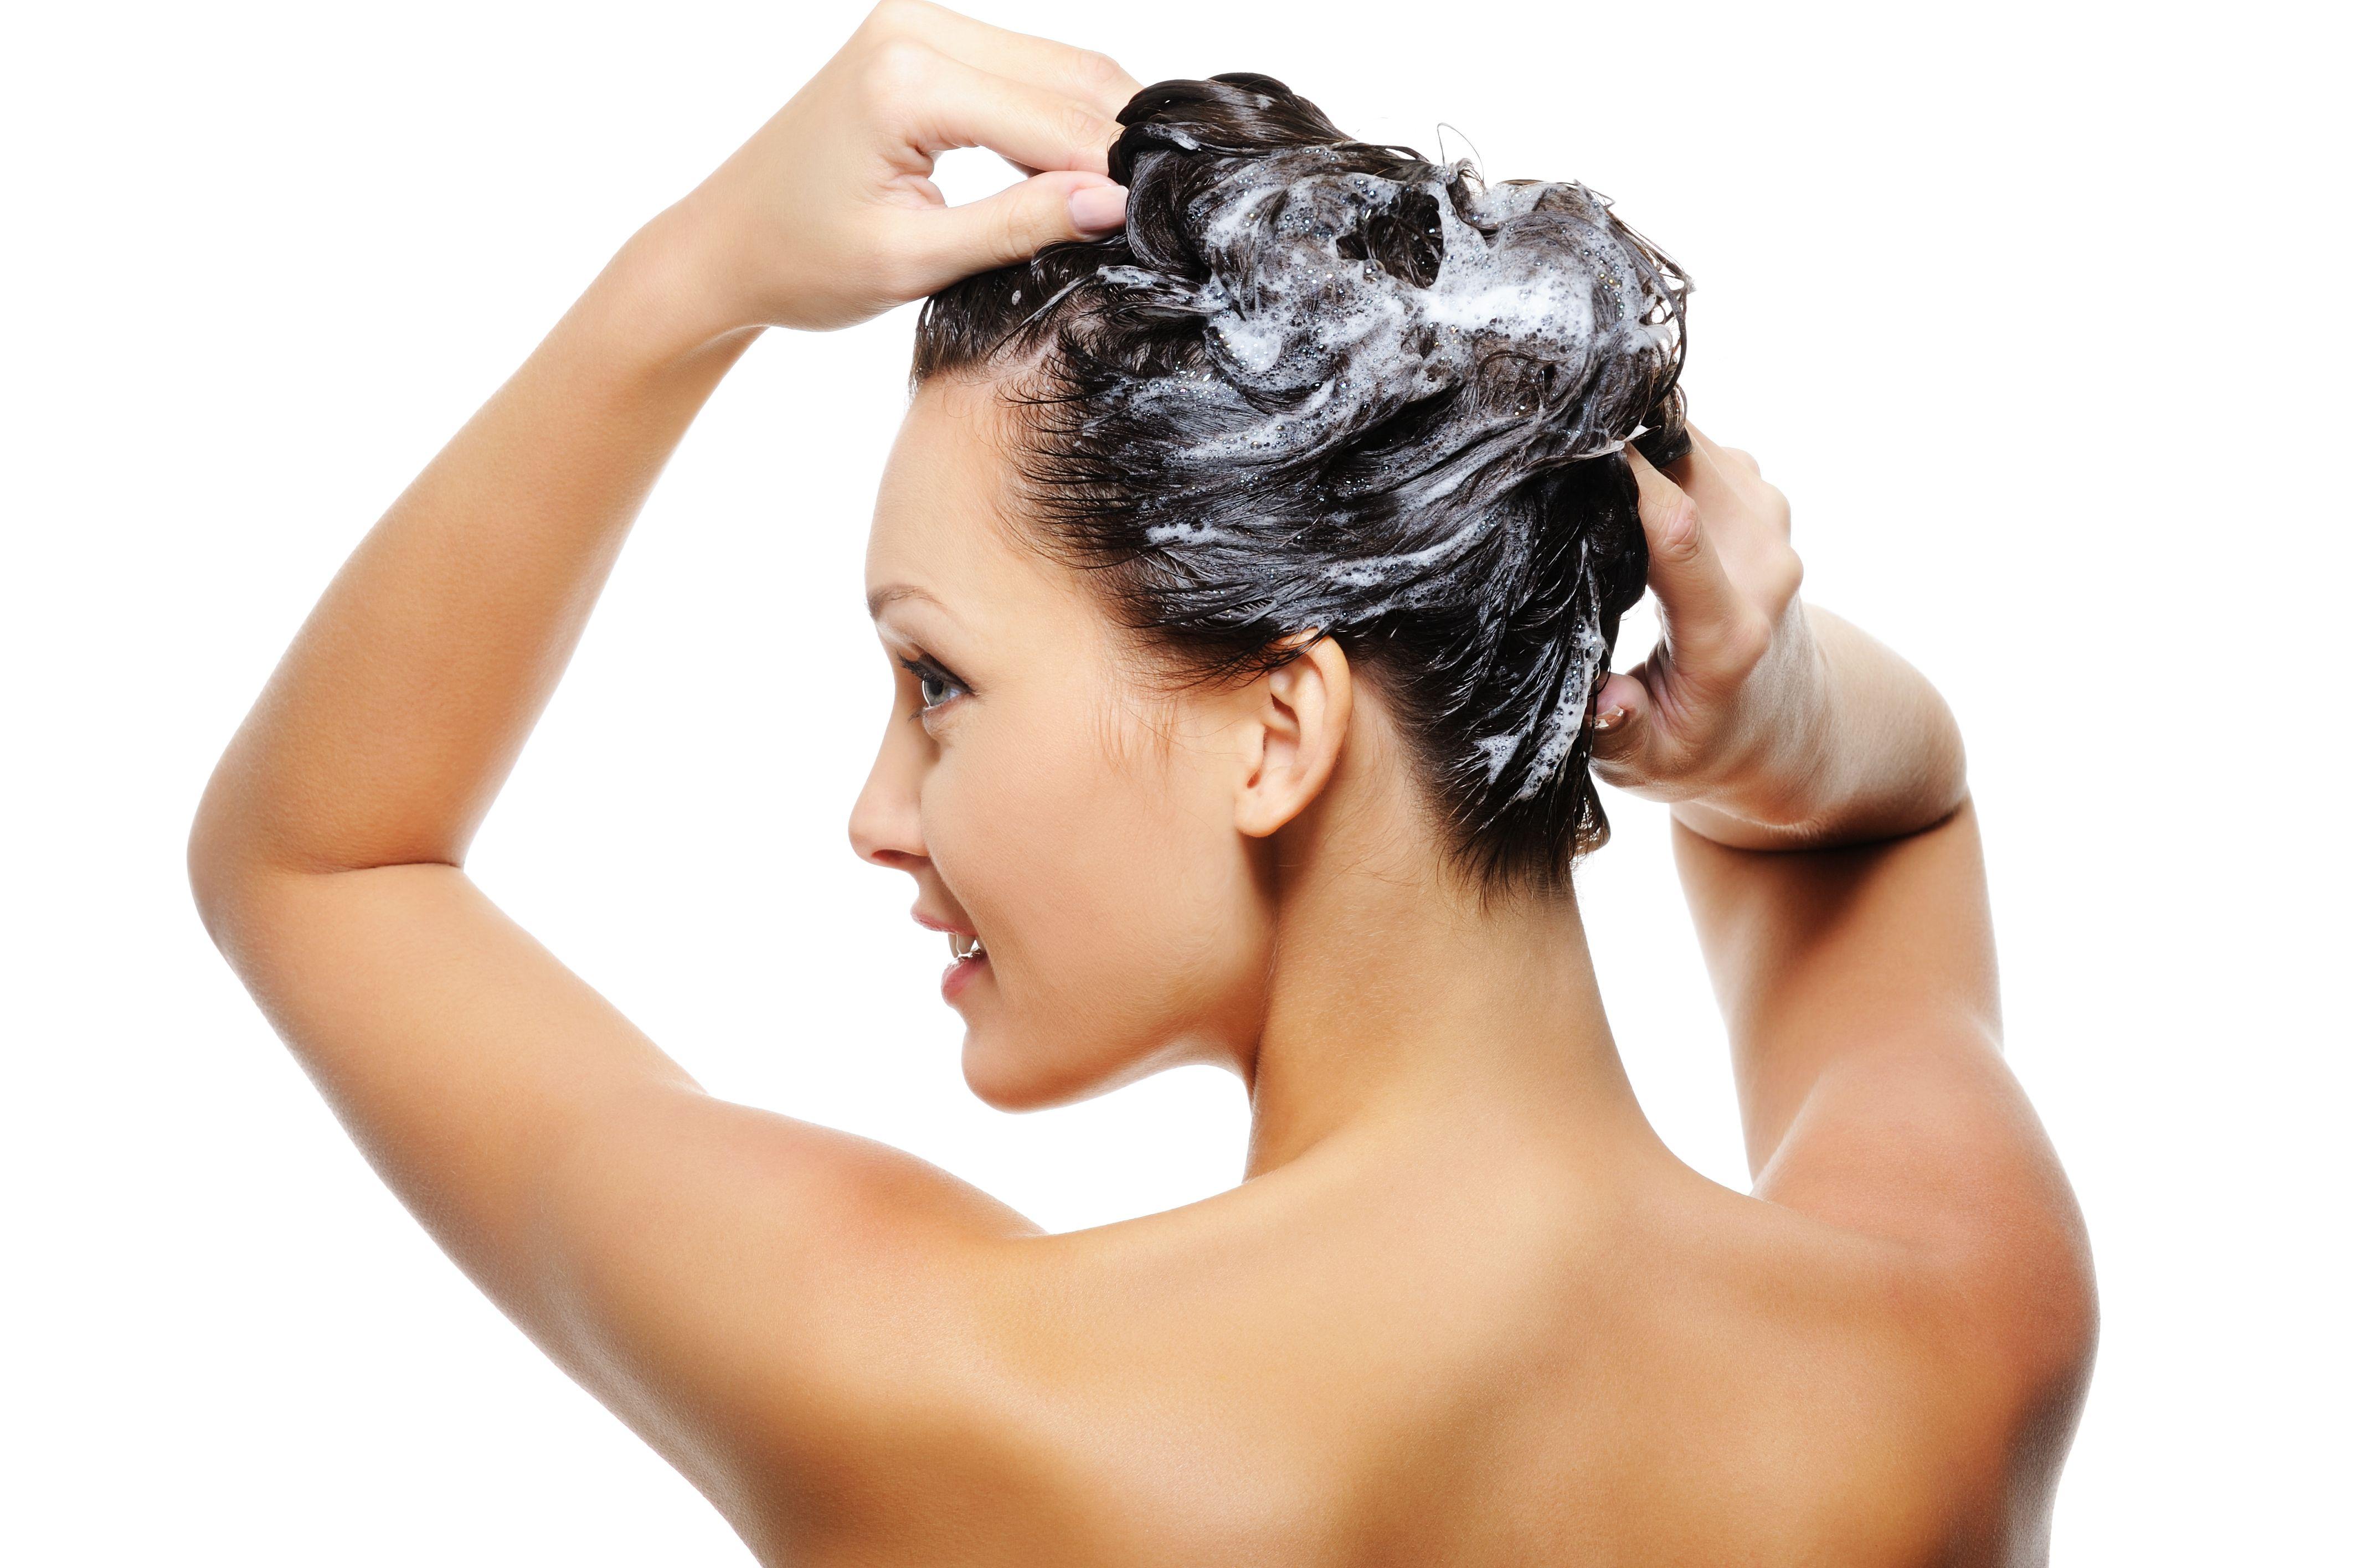 Массаж головы во время мытья волос